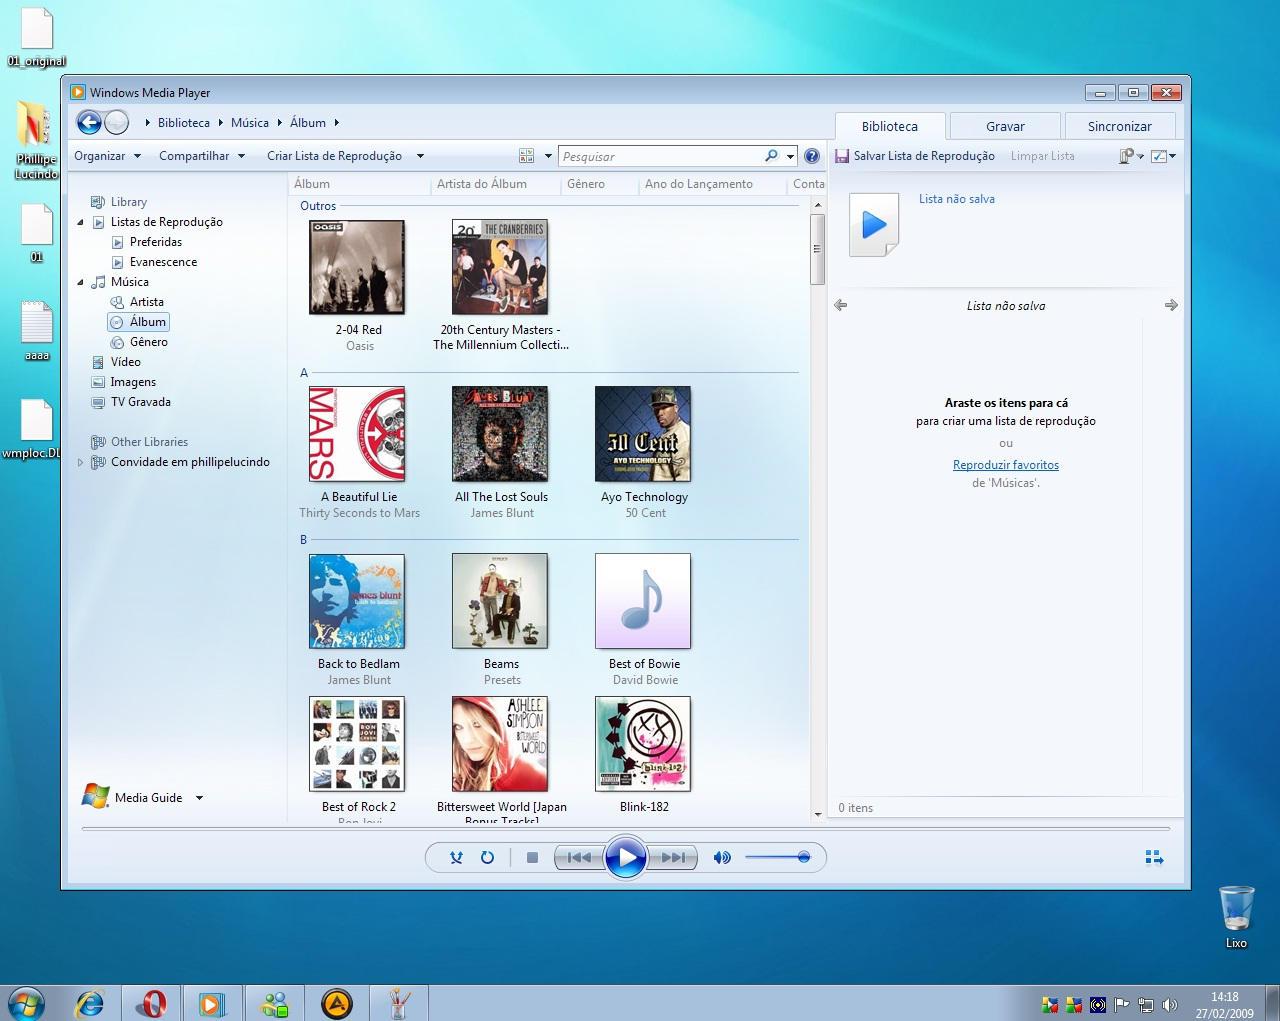 dll para windows media player: